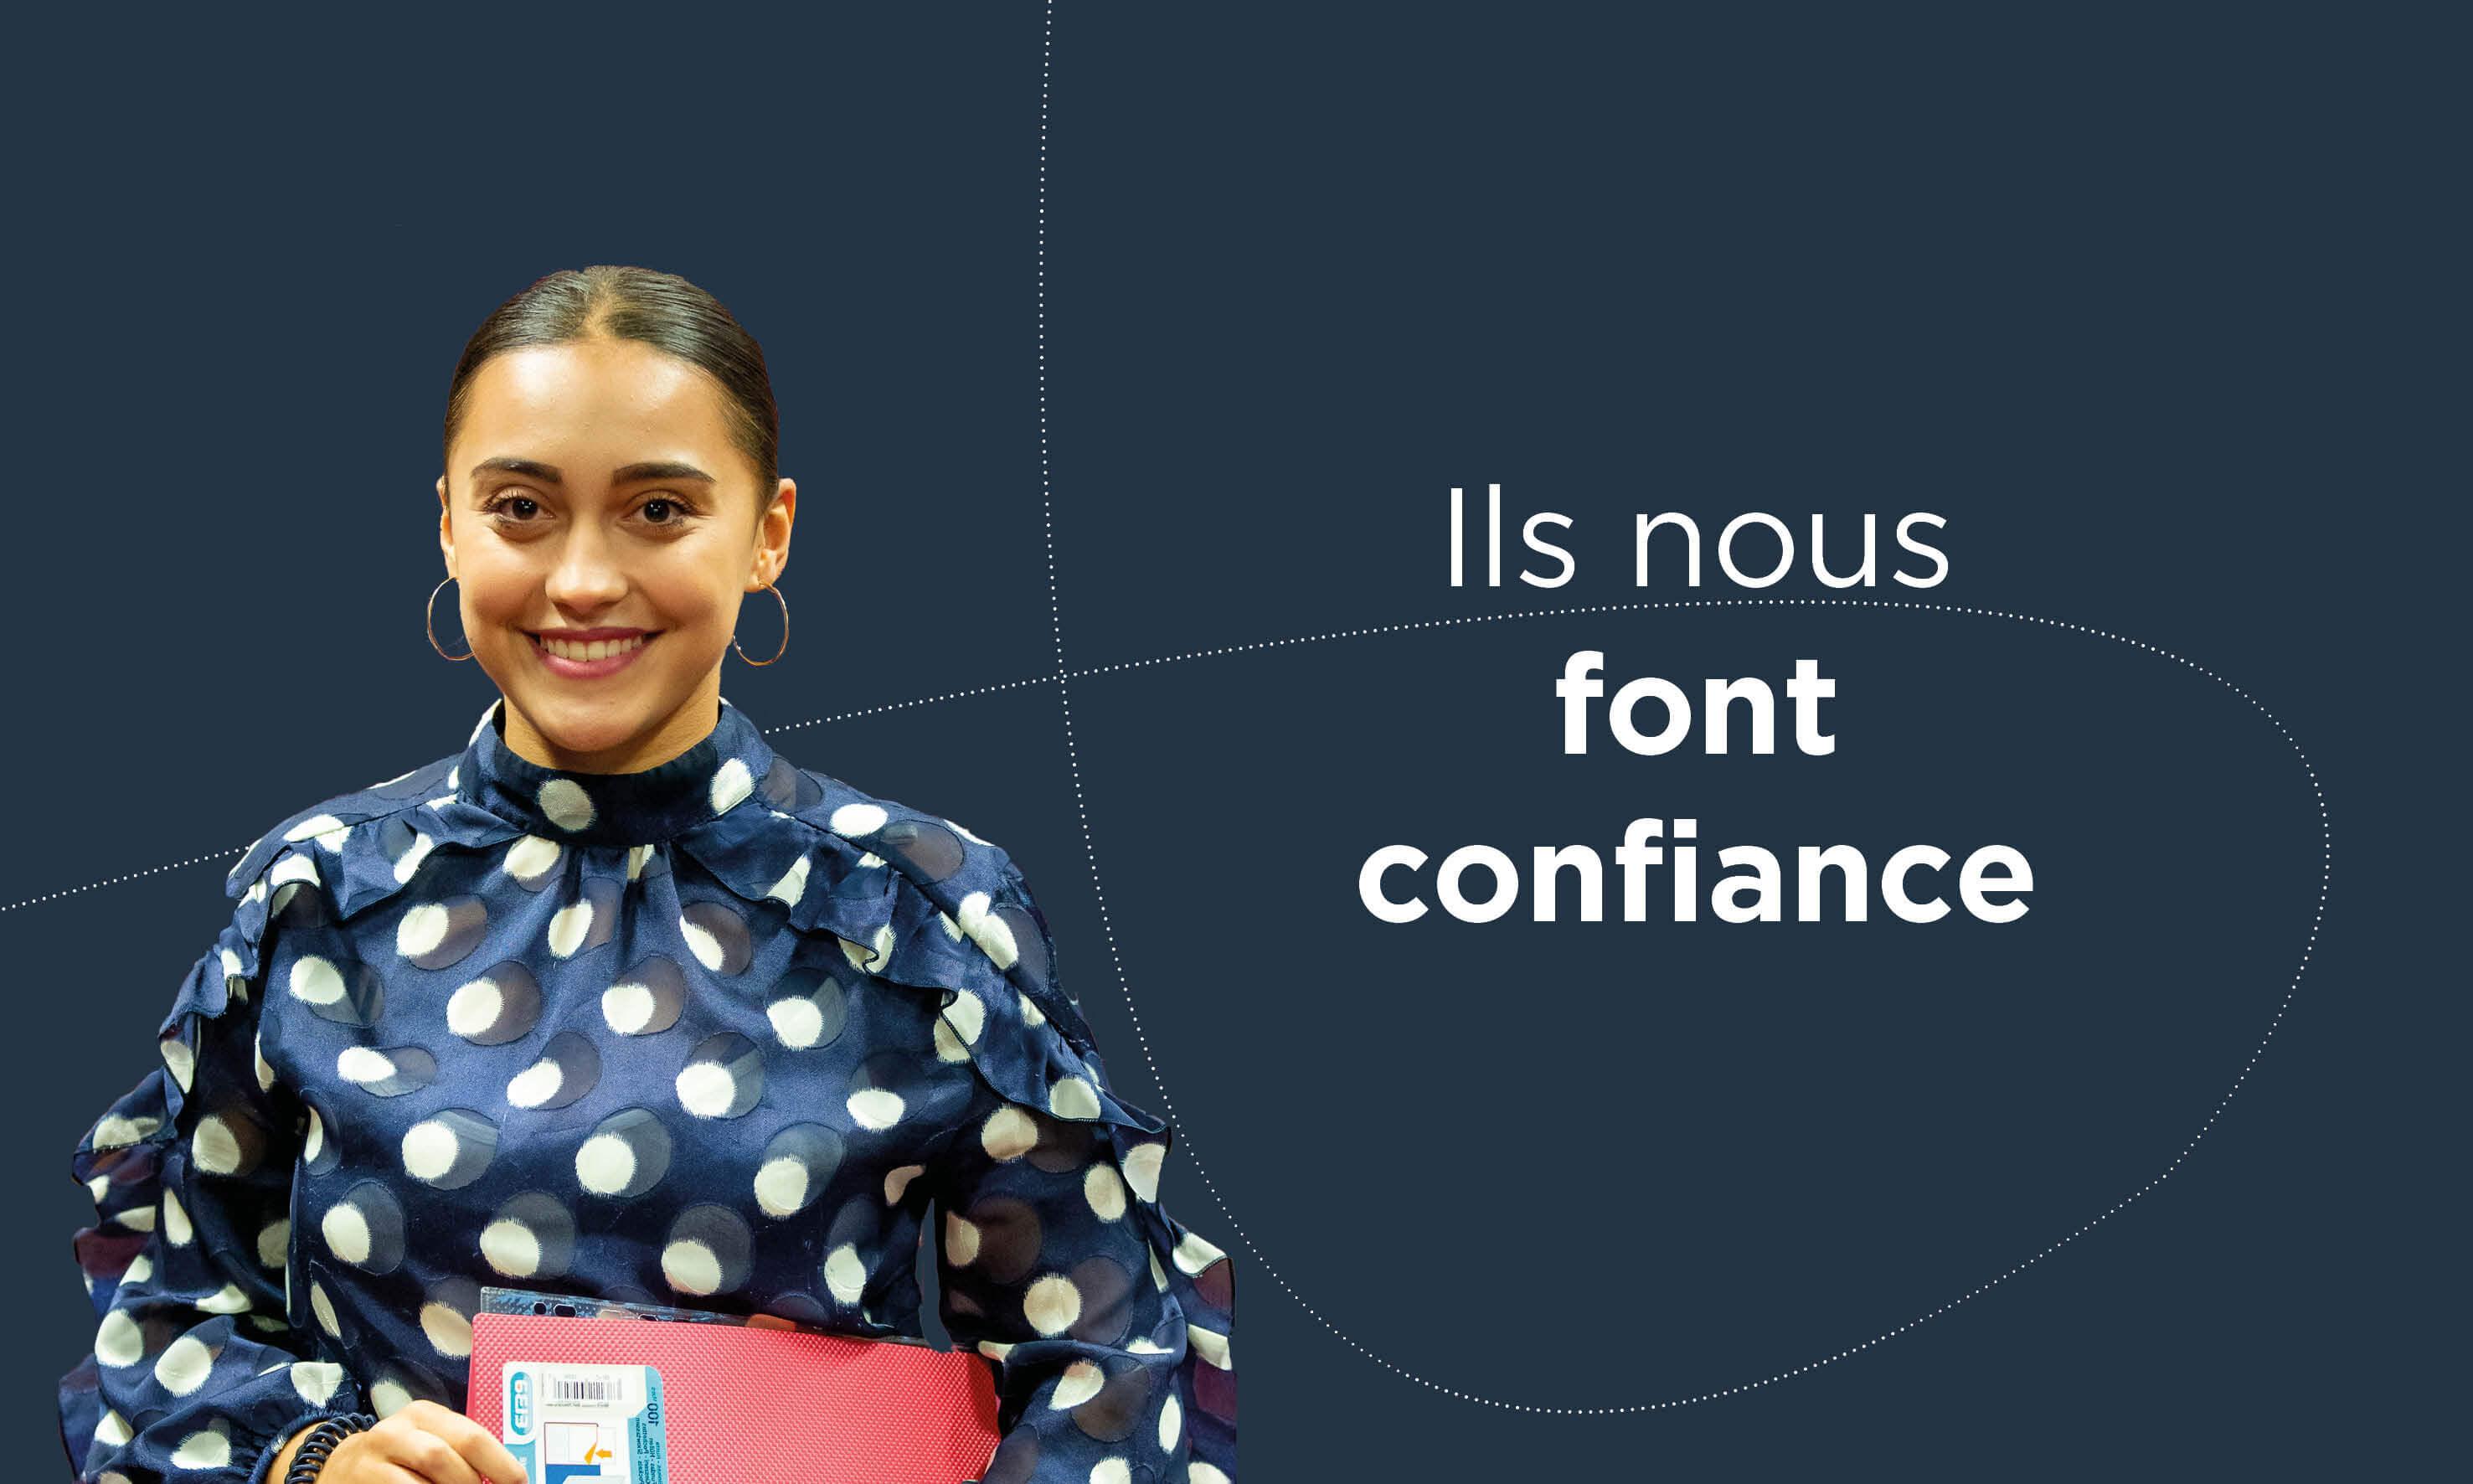 NOUS FONT CONFIANCE